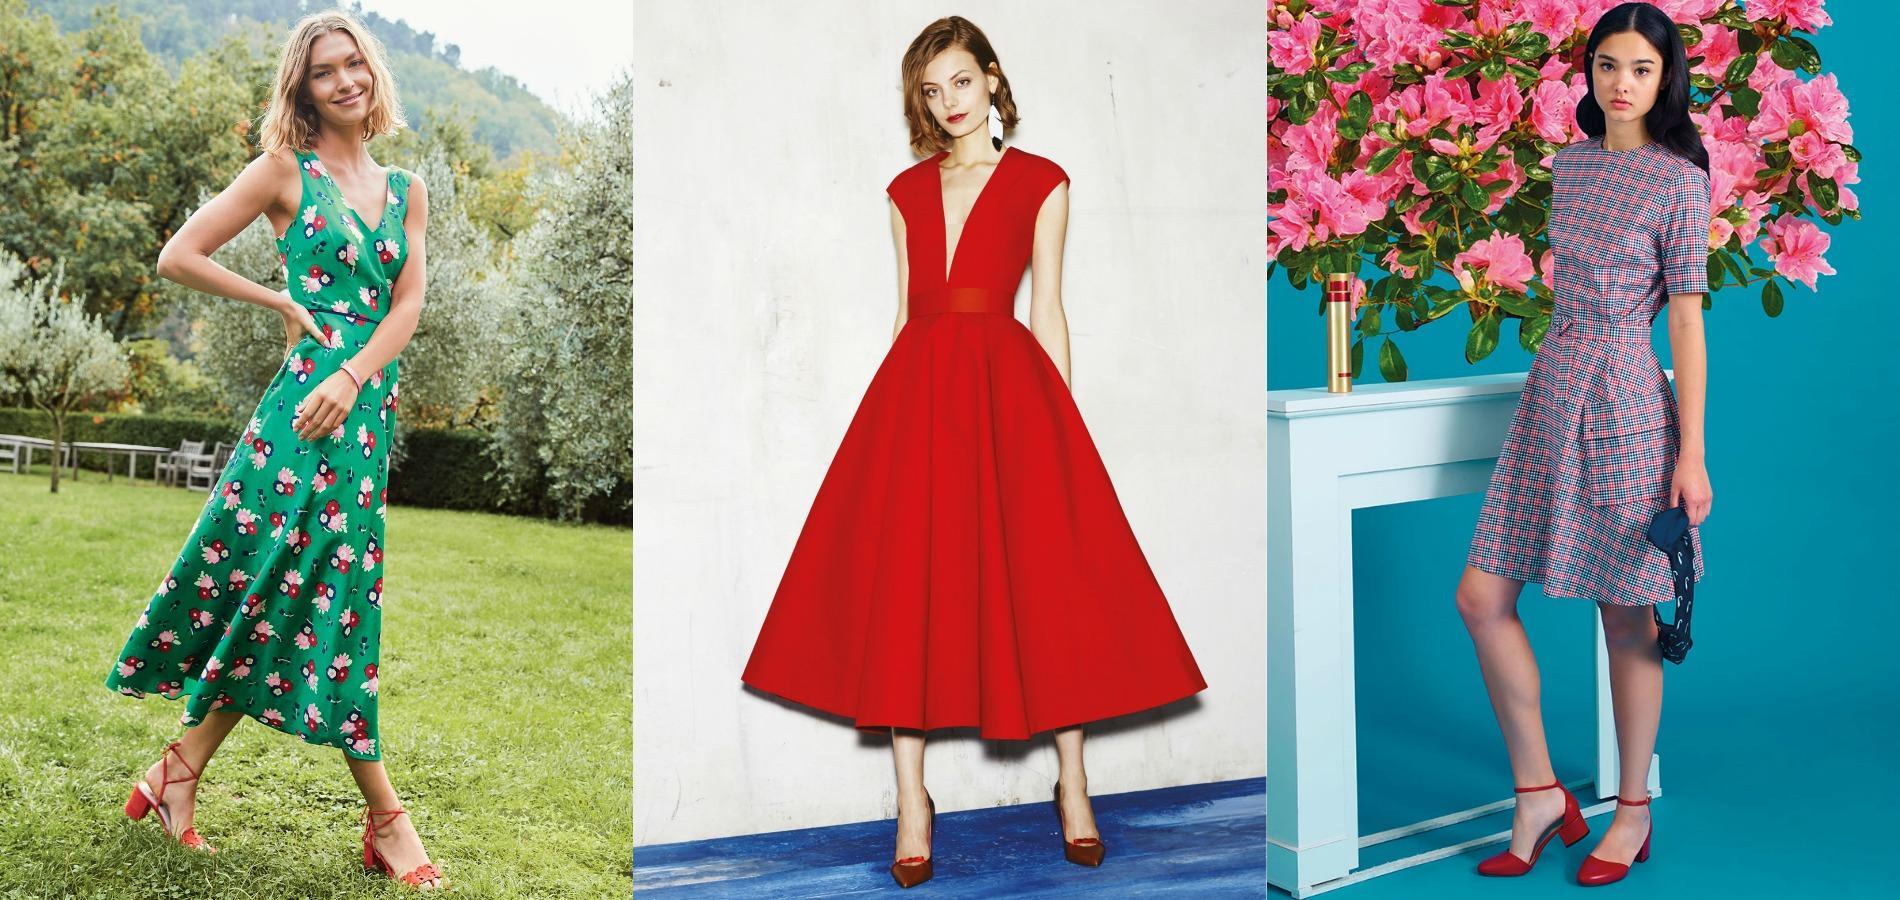 e8dc6658158 Mariage   les tenues de la parfaite invitée - Madame Figaro